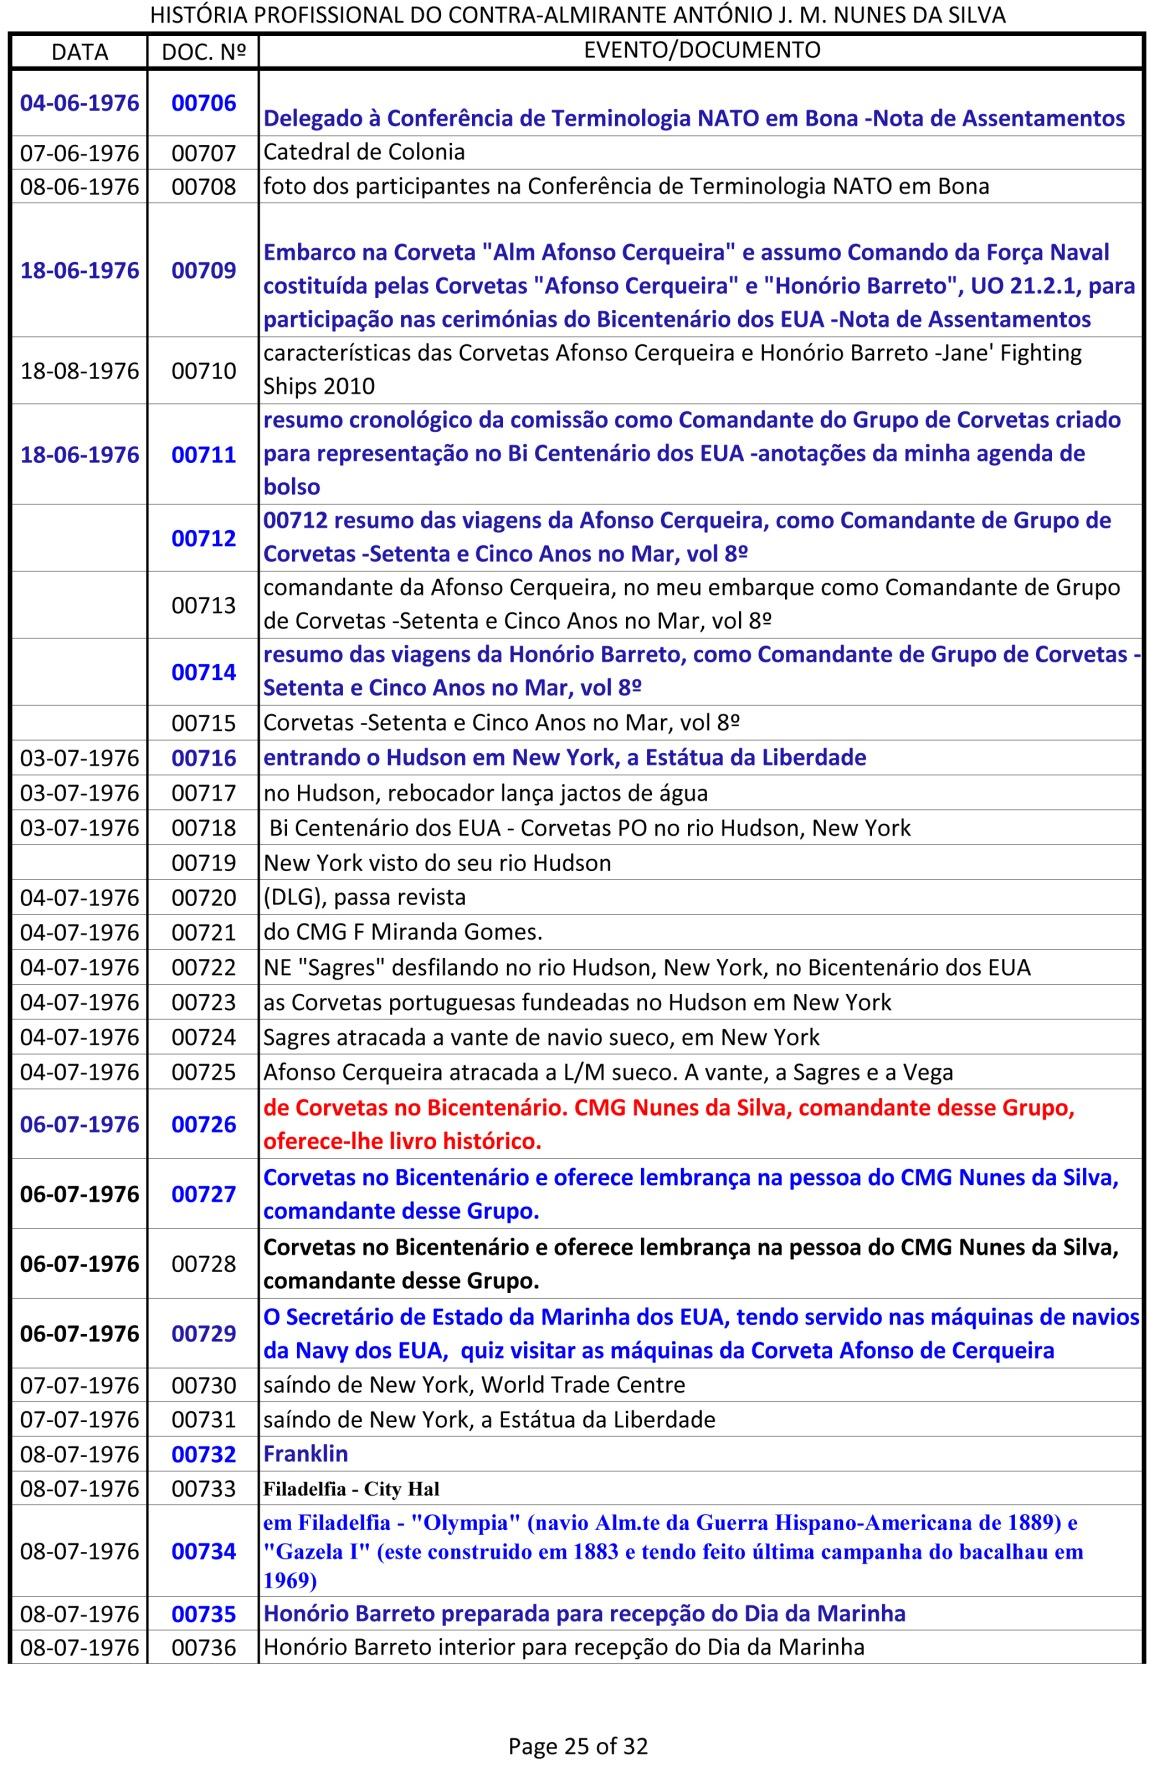 Índice dos documentos da História Profissional do CAlm Nunes da Silva -1943 a 1991-25